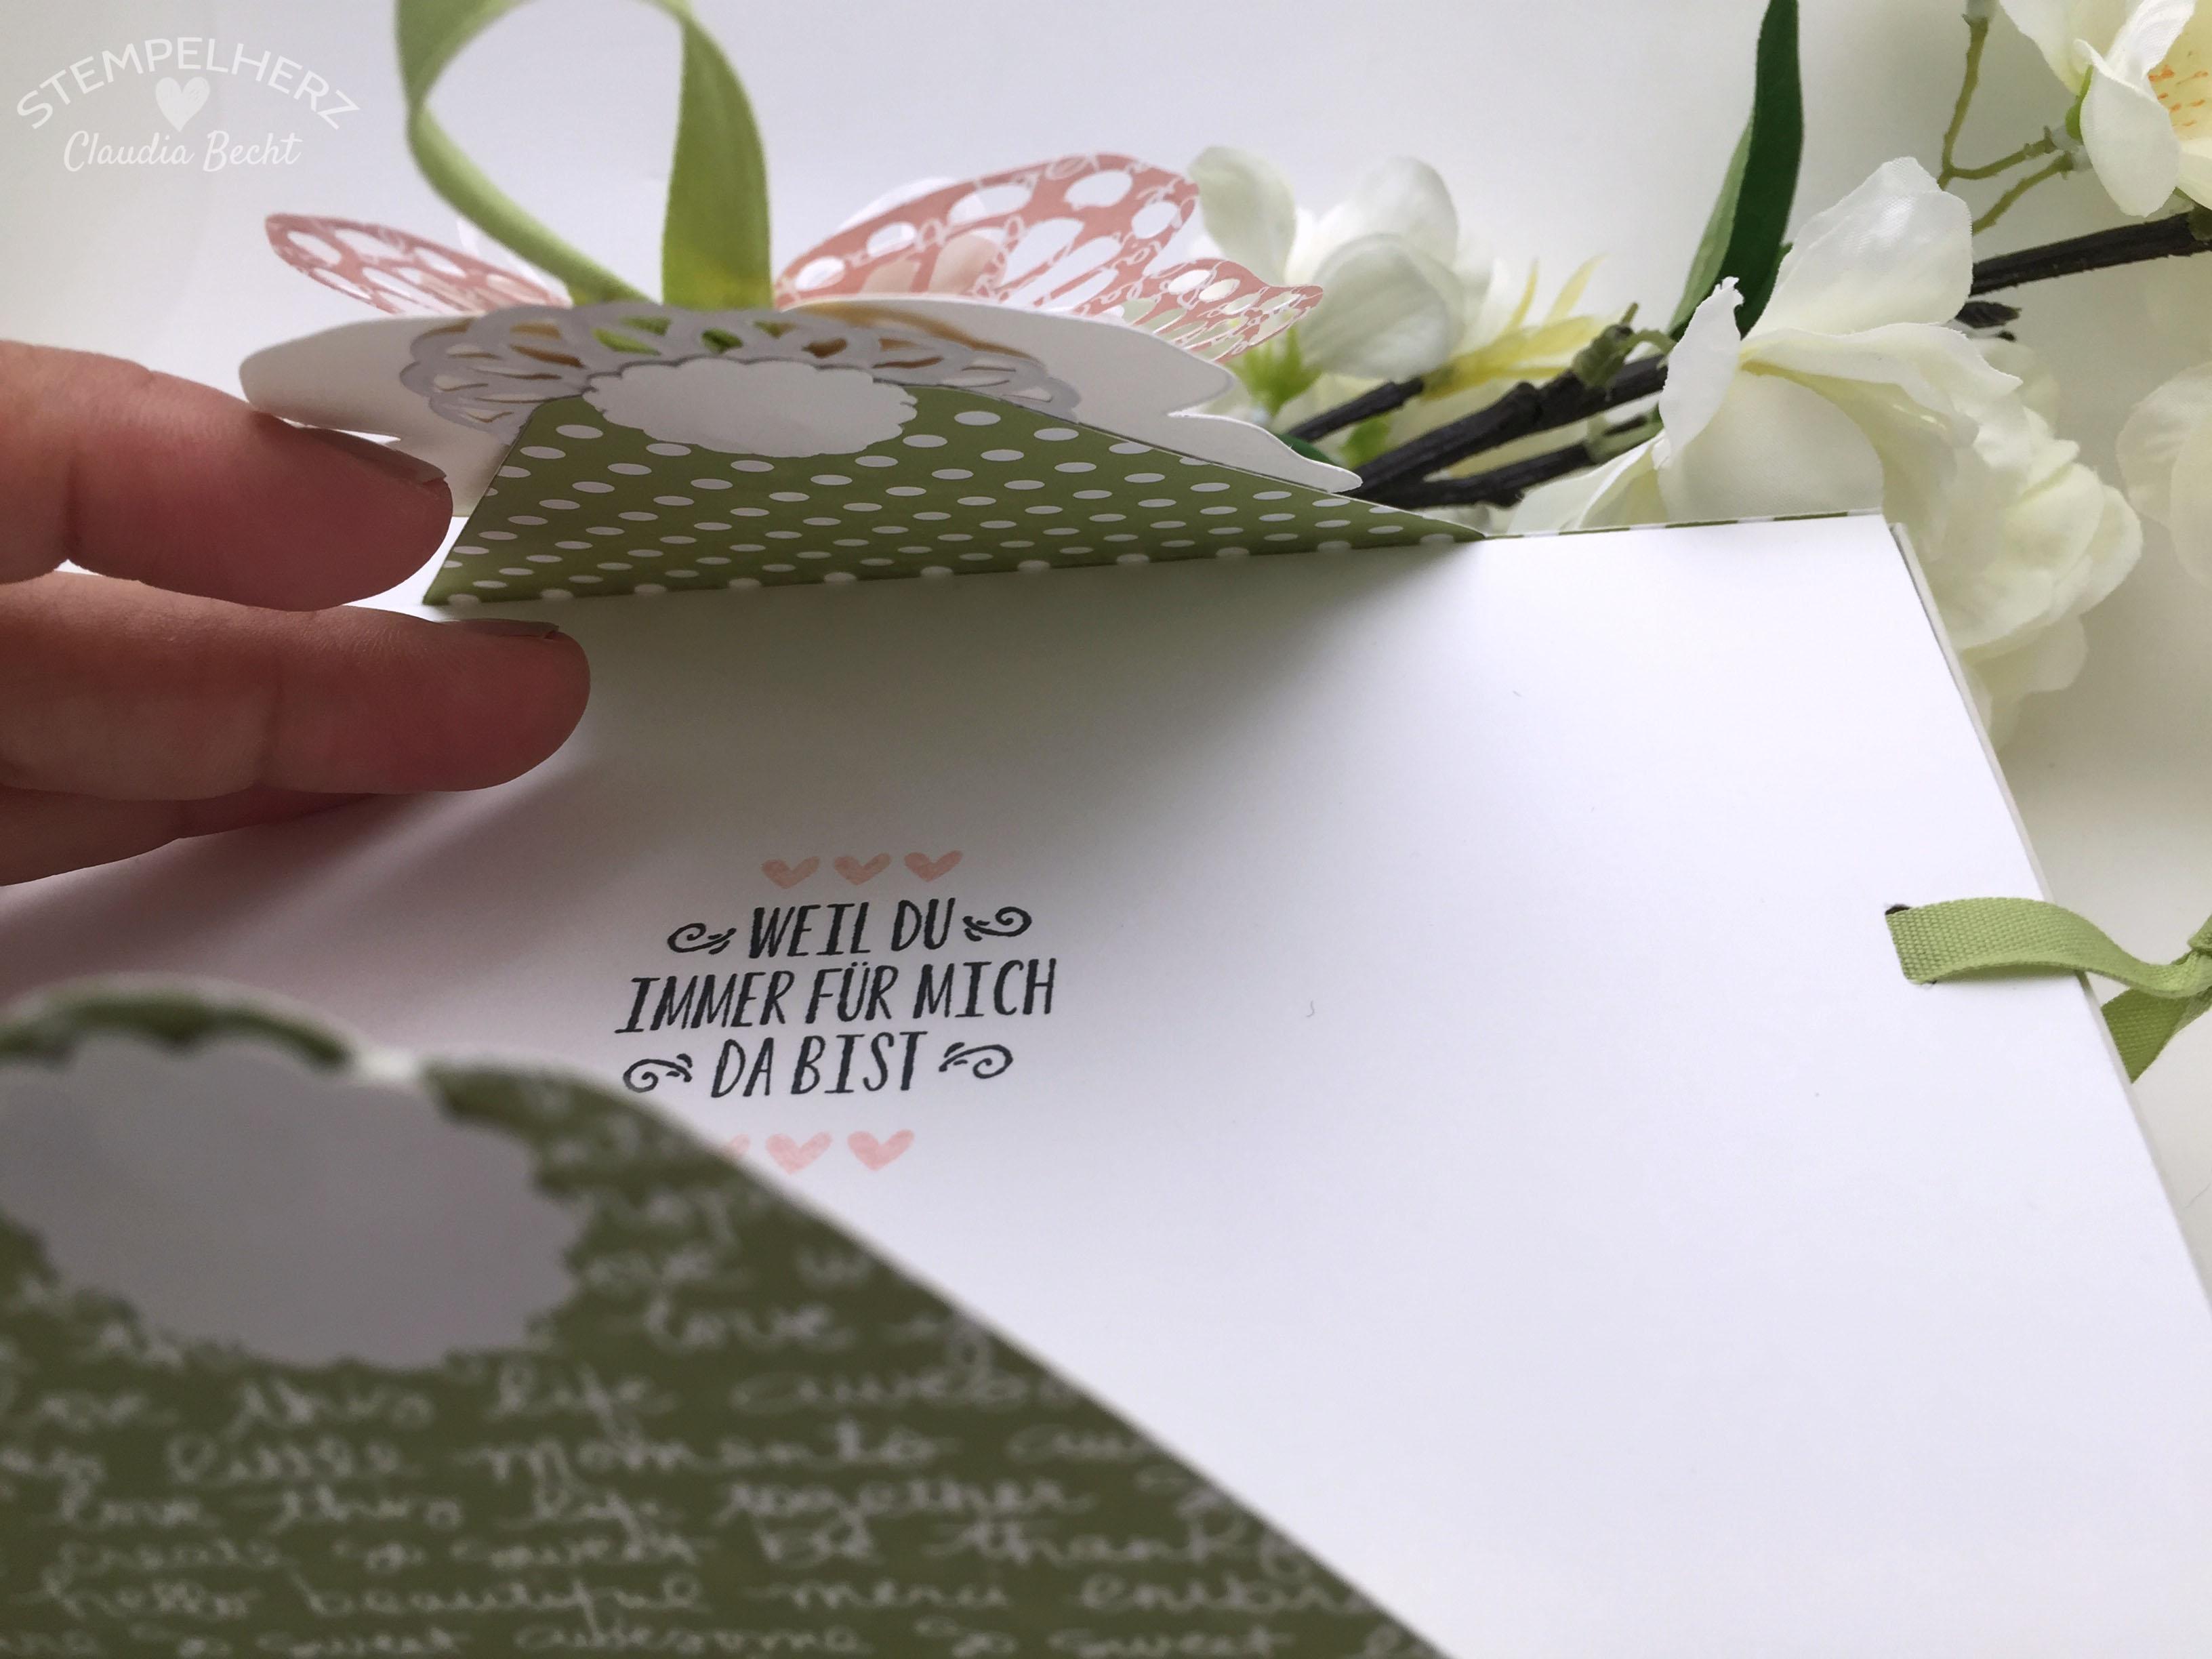 Stampin Up-Stempelherz-Box-Verpackung-Ziehverpackung-Toffifee-Ziehschachtel-Videoanleitung Ziehschachtel-Ziehschachtel Toffifee 16b